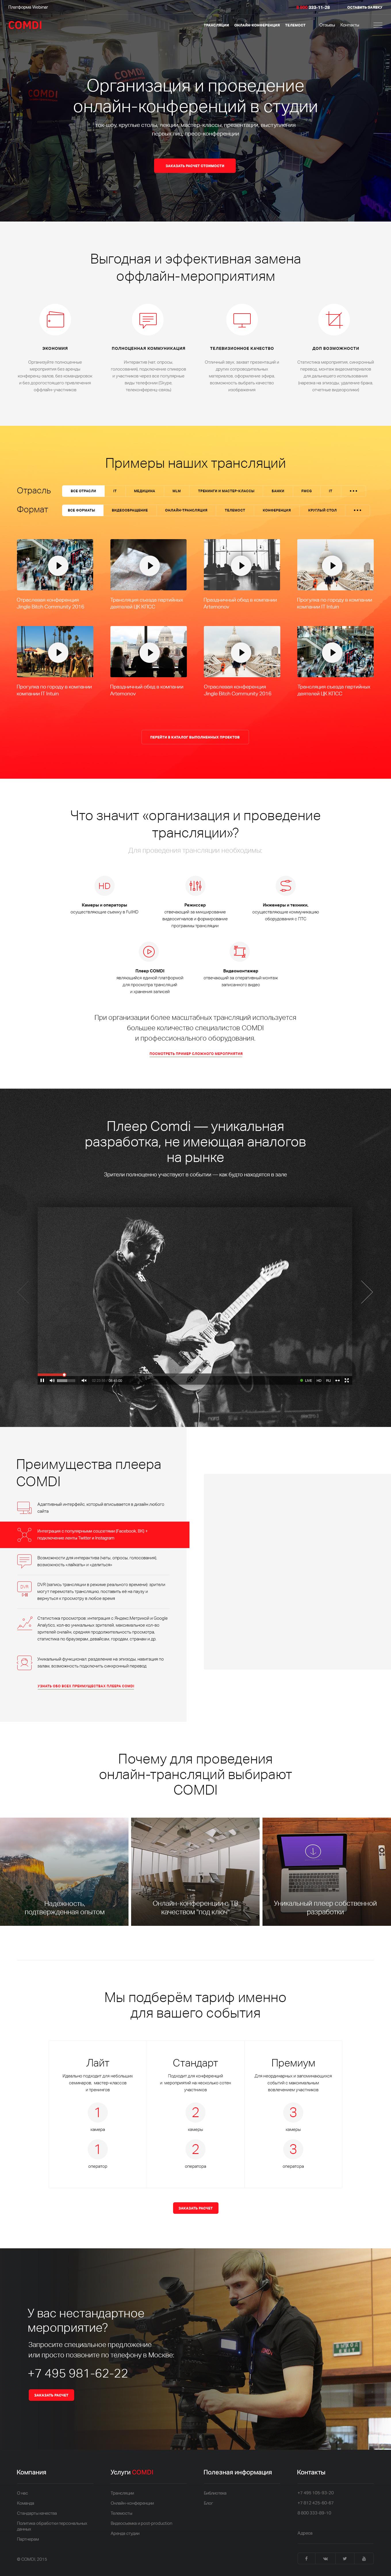 comdi_online_conf